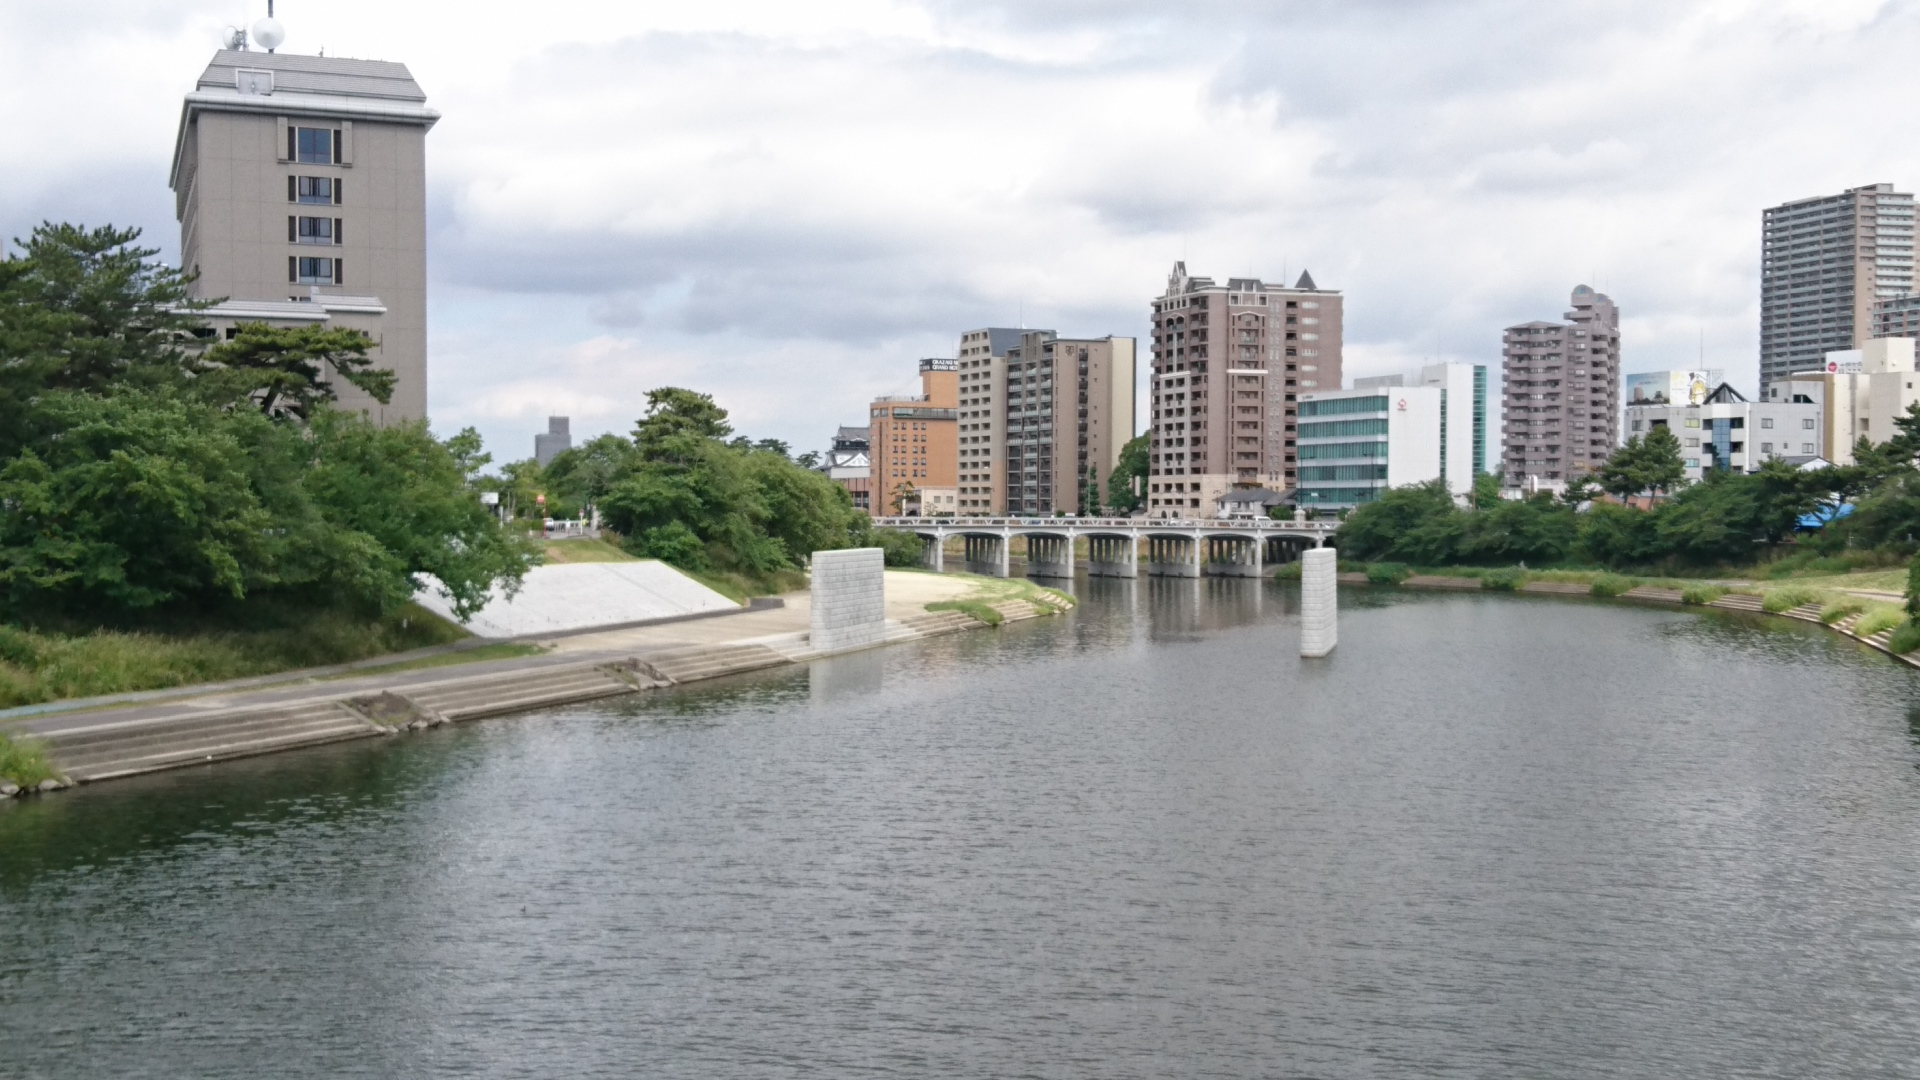 2017.6.6 乙川人道橋の橋脚 (2)